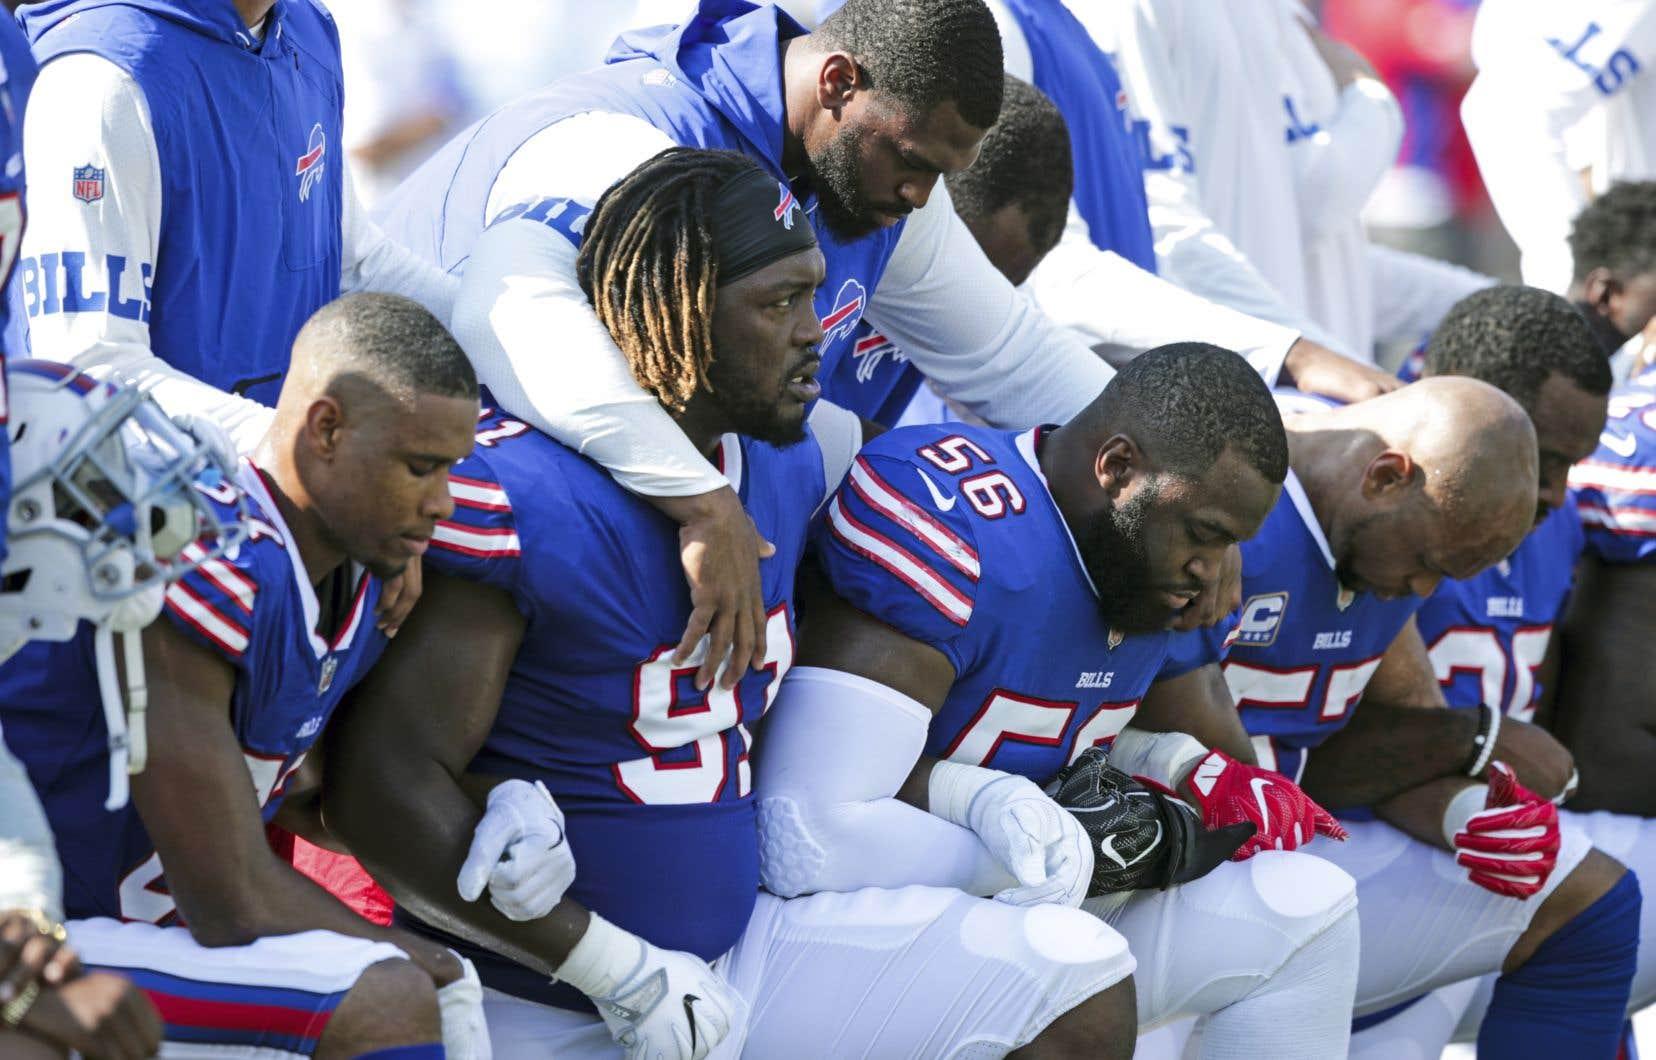 La NFL a banni cette semaine la protestation par agenouillement de ses joueurs pendant l'hymne national.